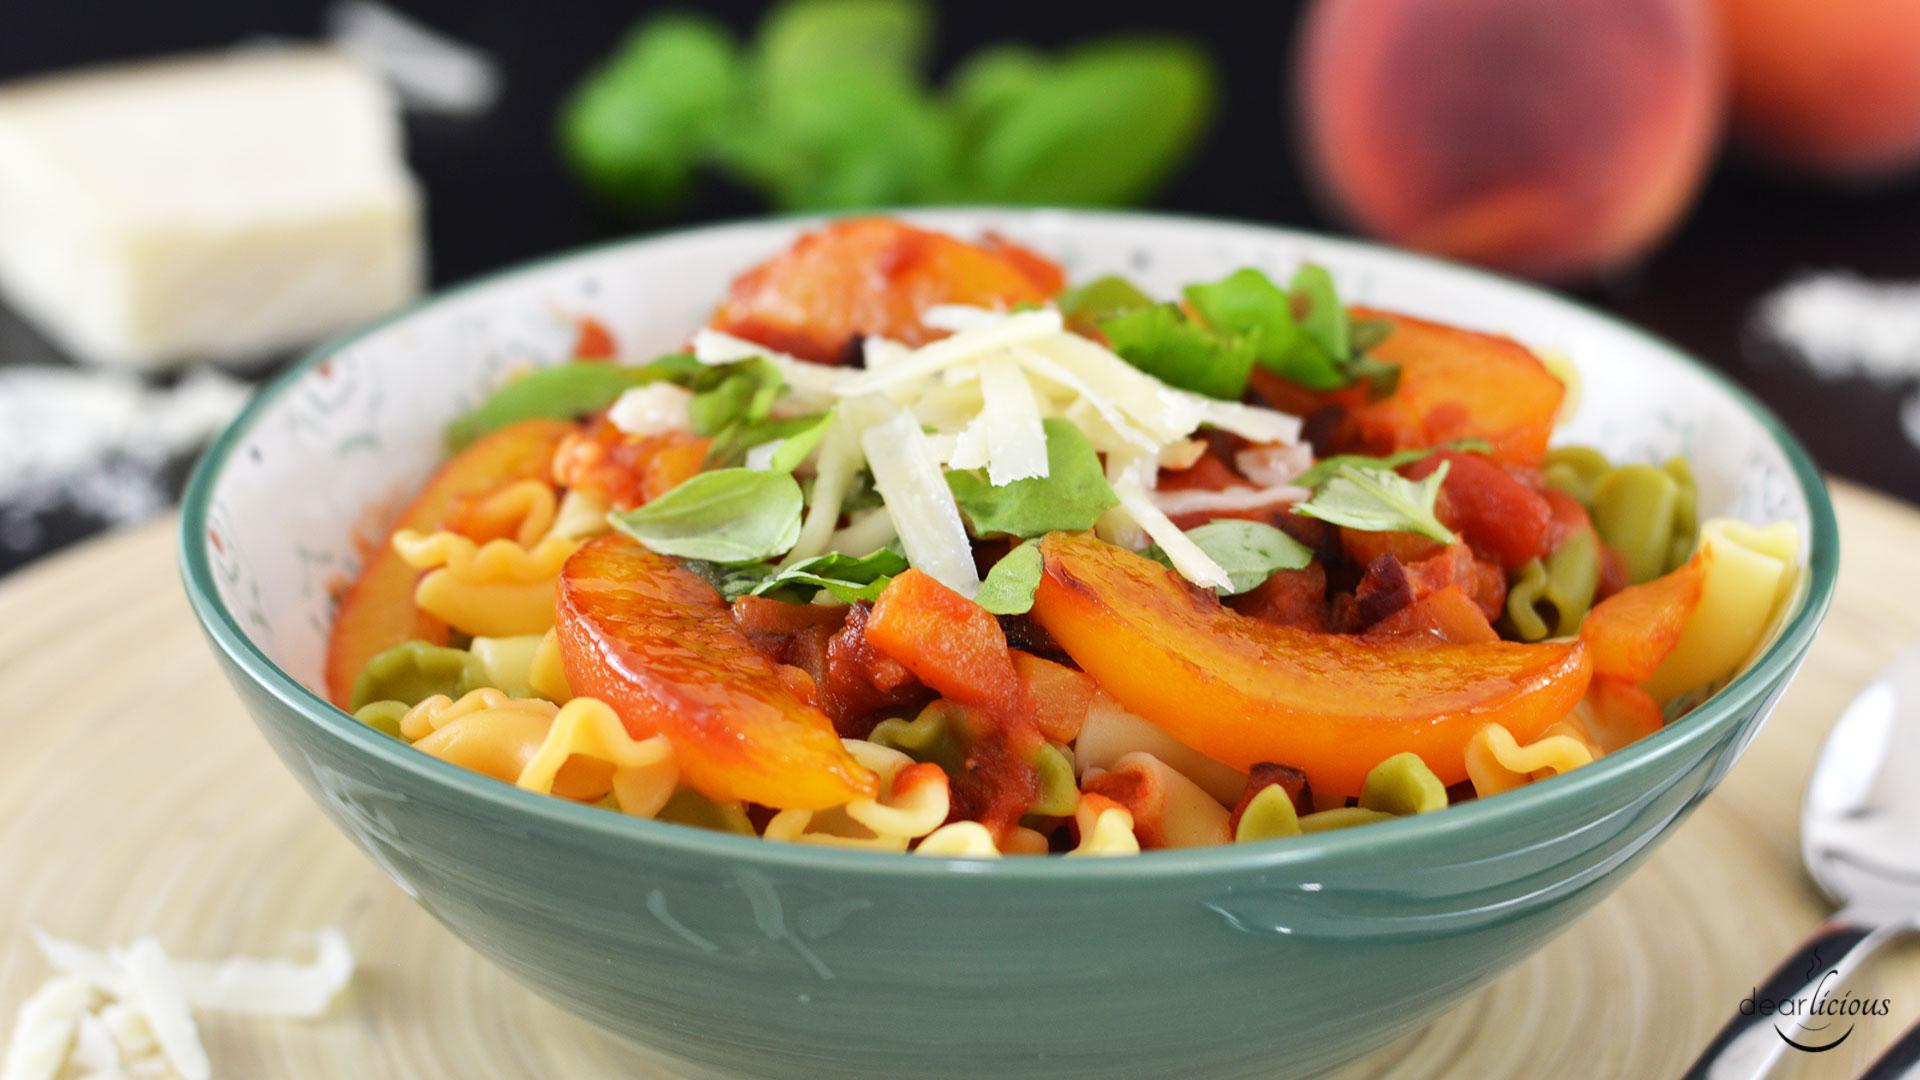 Nudeln mit fruchtiger Tomatensoße und karamellisierten Pfirsichen | www.dearlicious.com